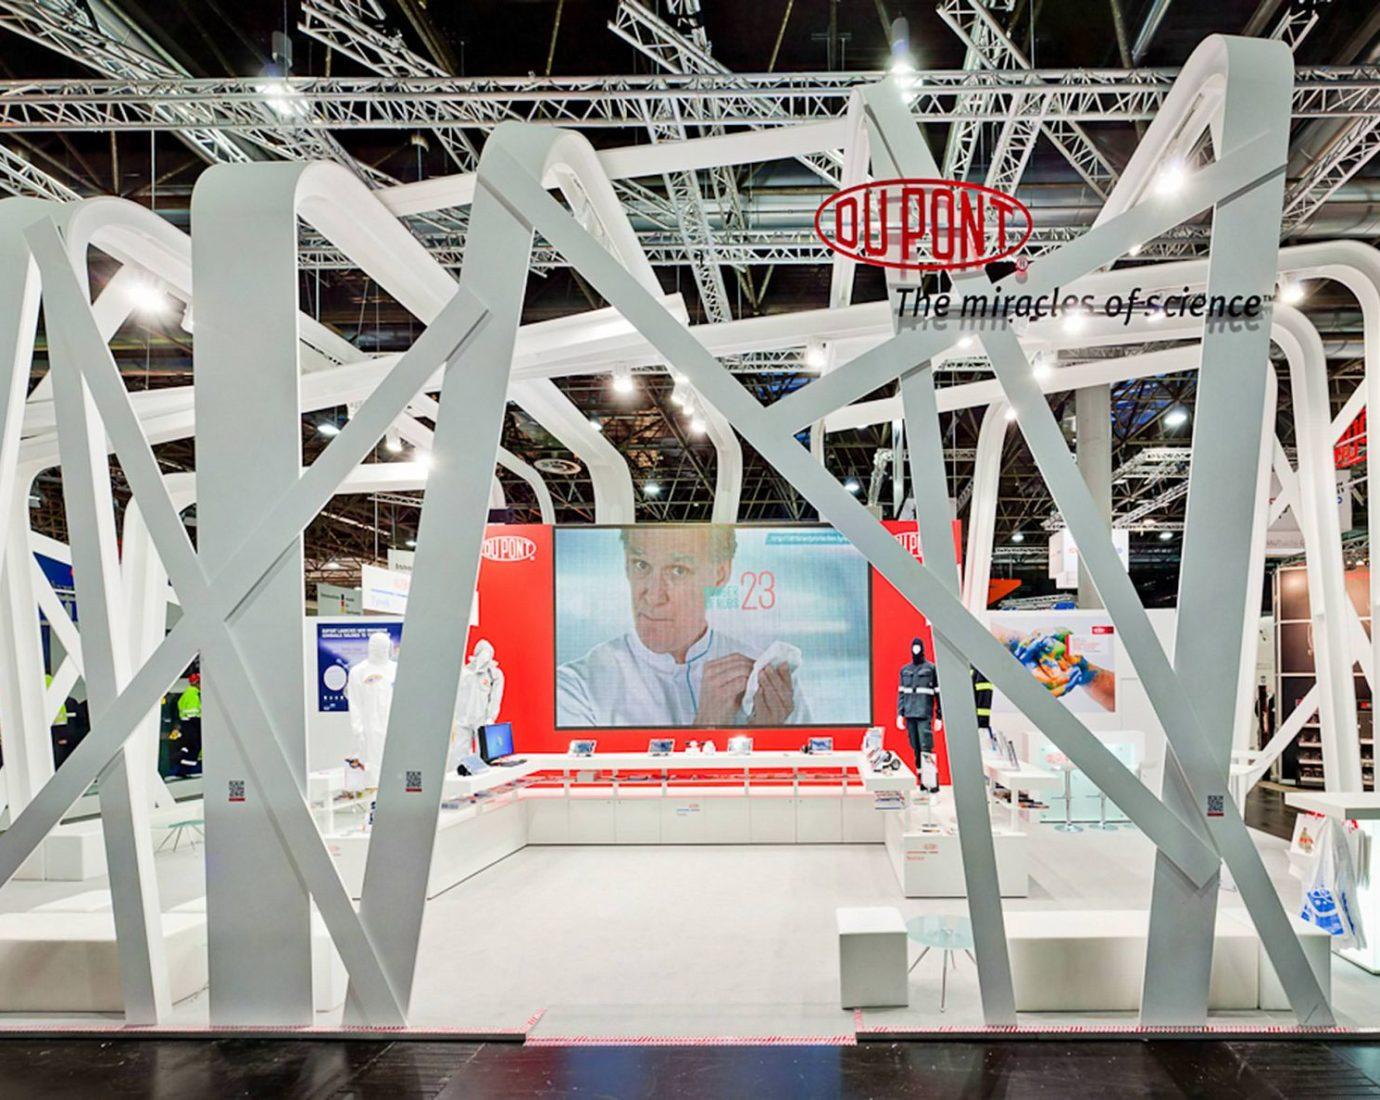 DuPont Messestand. Futuristische Messearchitektur mit DIMAH